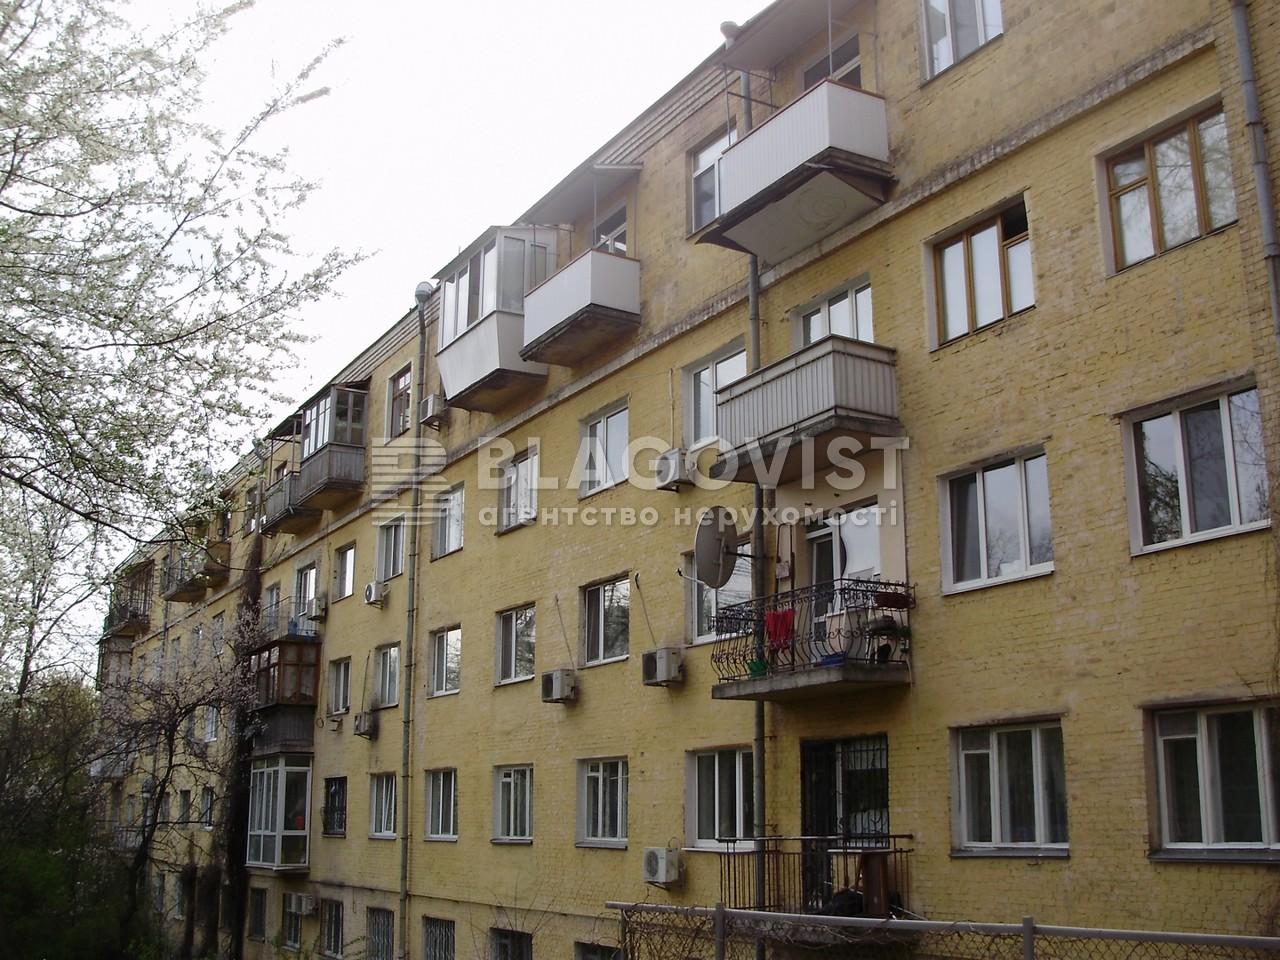 Квартира A-107928, Винниченко Владимира (Коцюбинского Юрия), 18, Киев - Фото 1